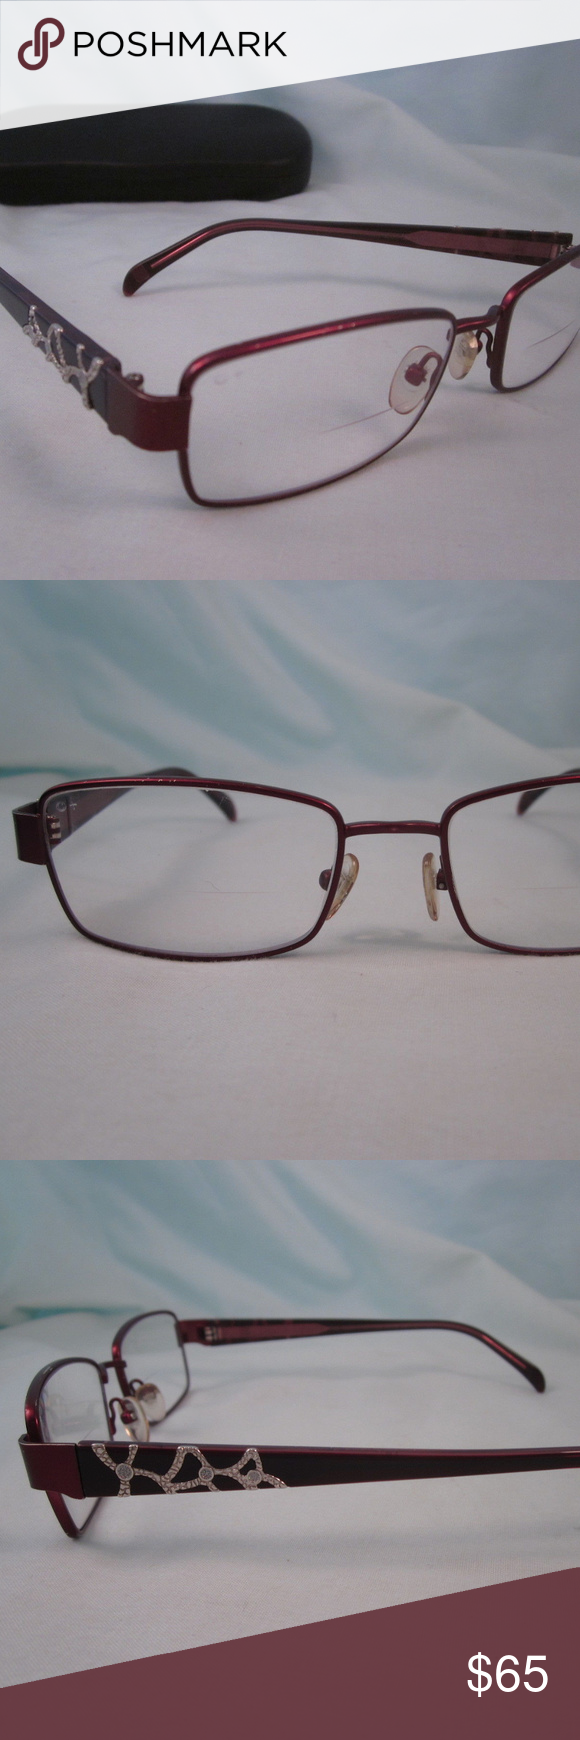 ARMOURx 7008 O+ Rx Eyeglasses Metal Plastic Frames Rx